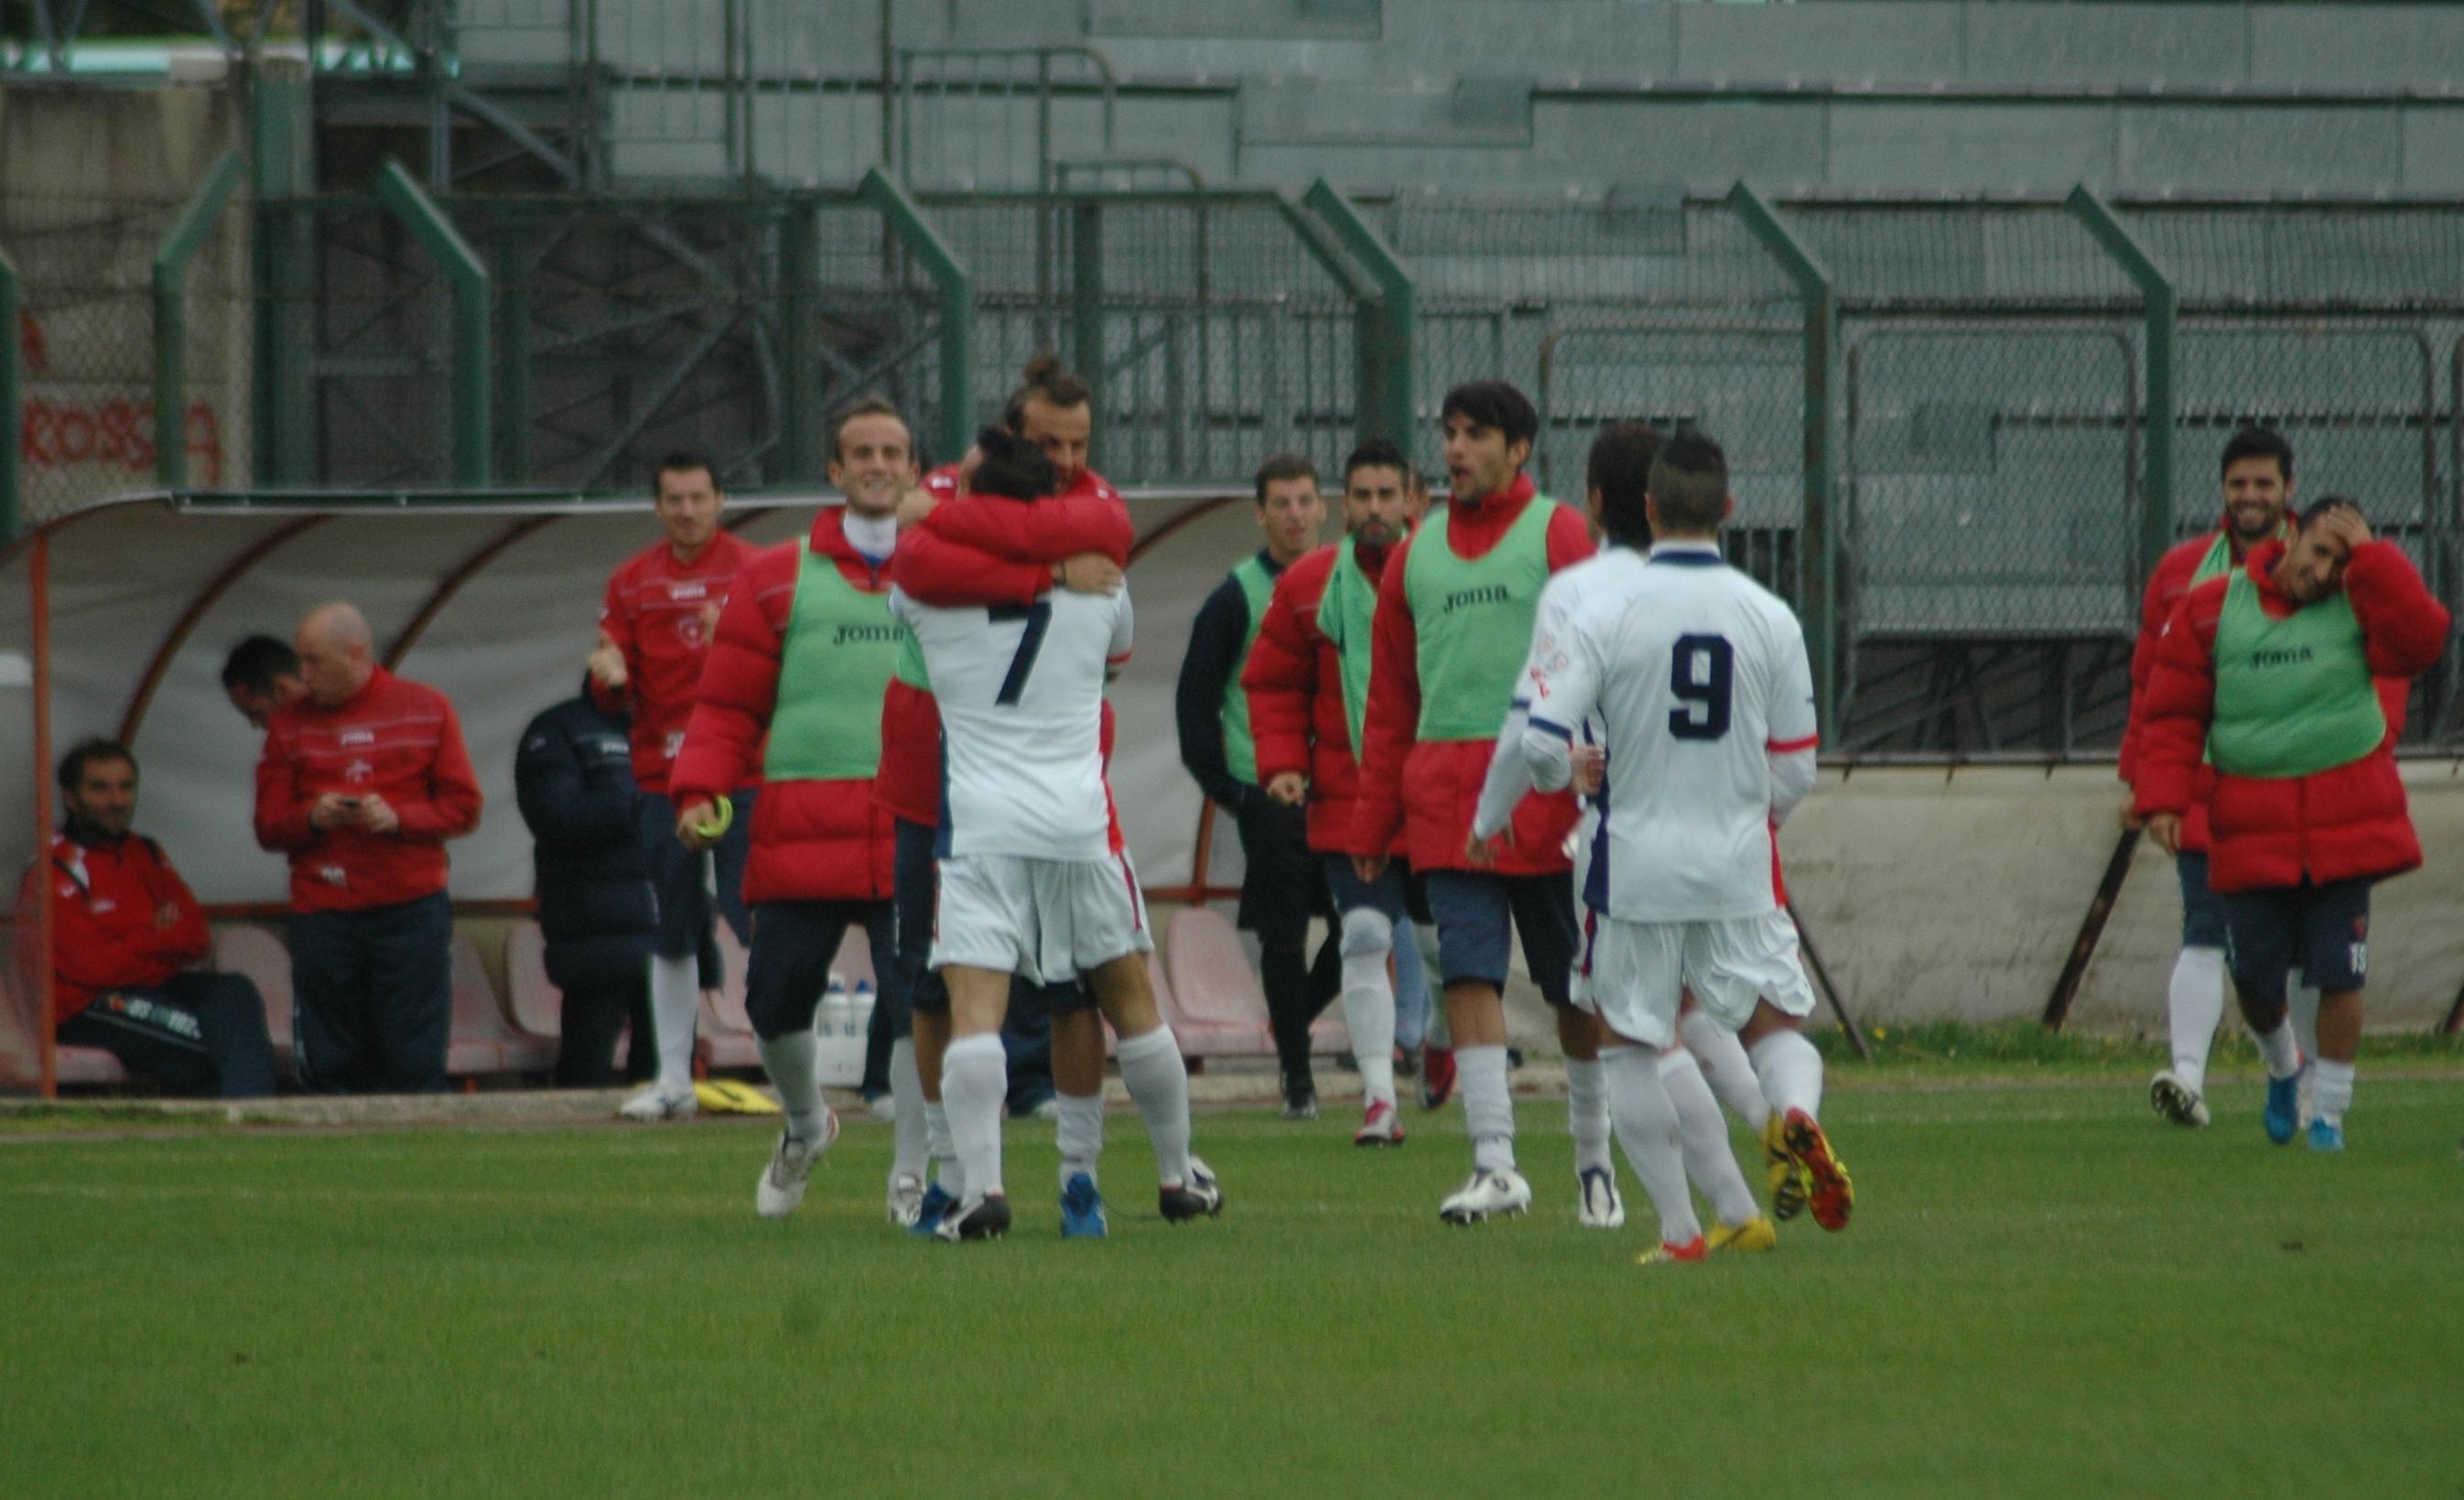 Samb-Ancona, abbracci per Napolano (GIAMMUSSO)